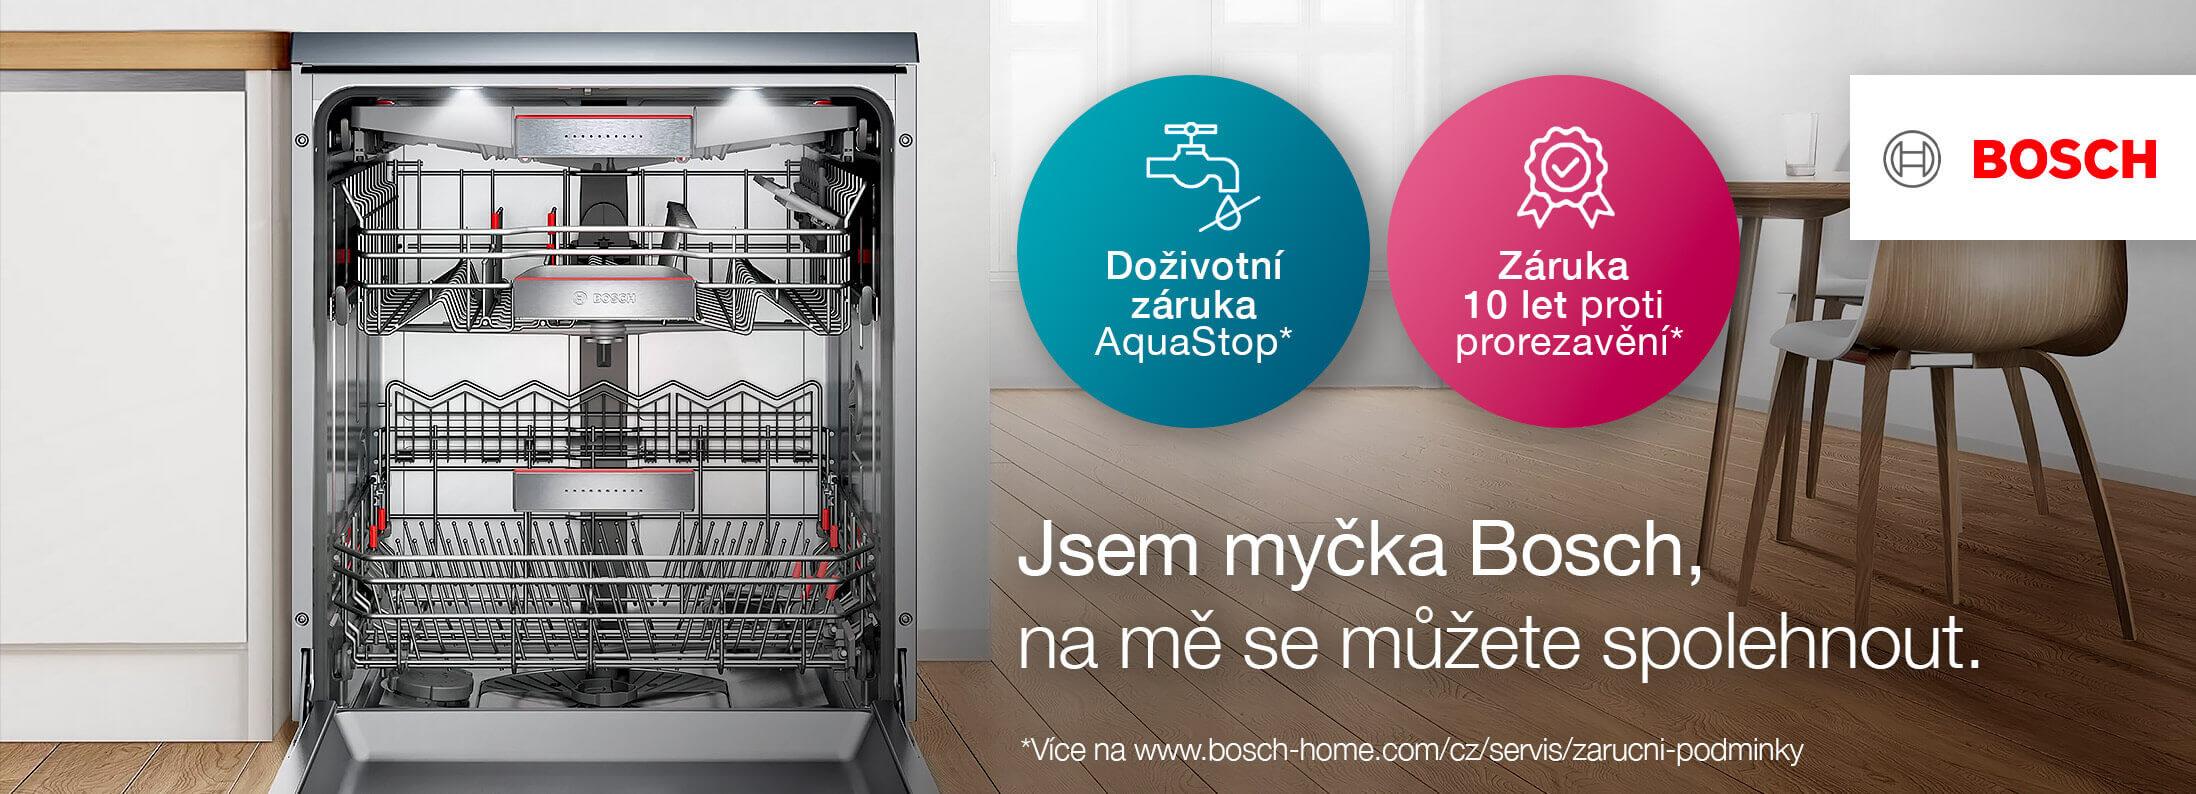 Bosch myčky - Doživotní záruka na AquaStop